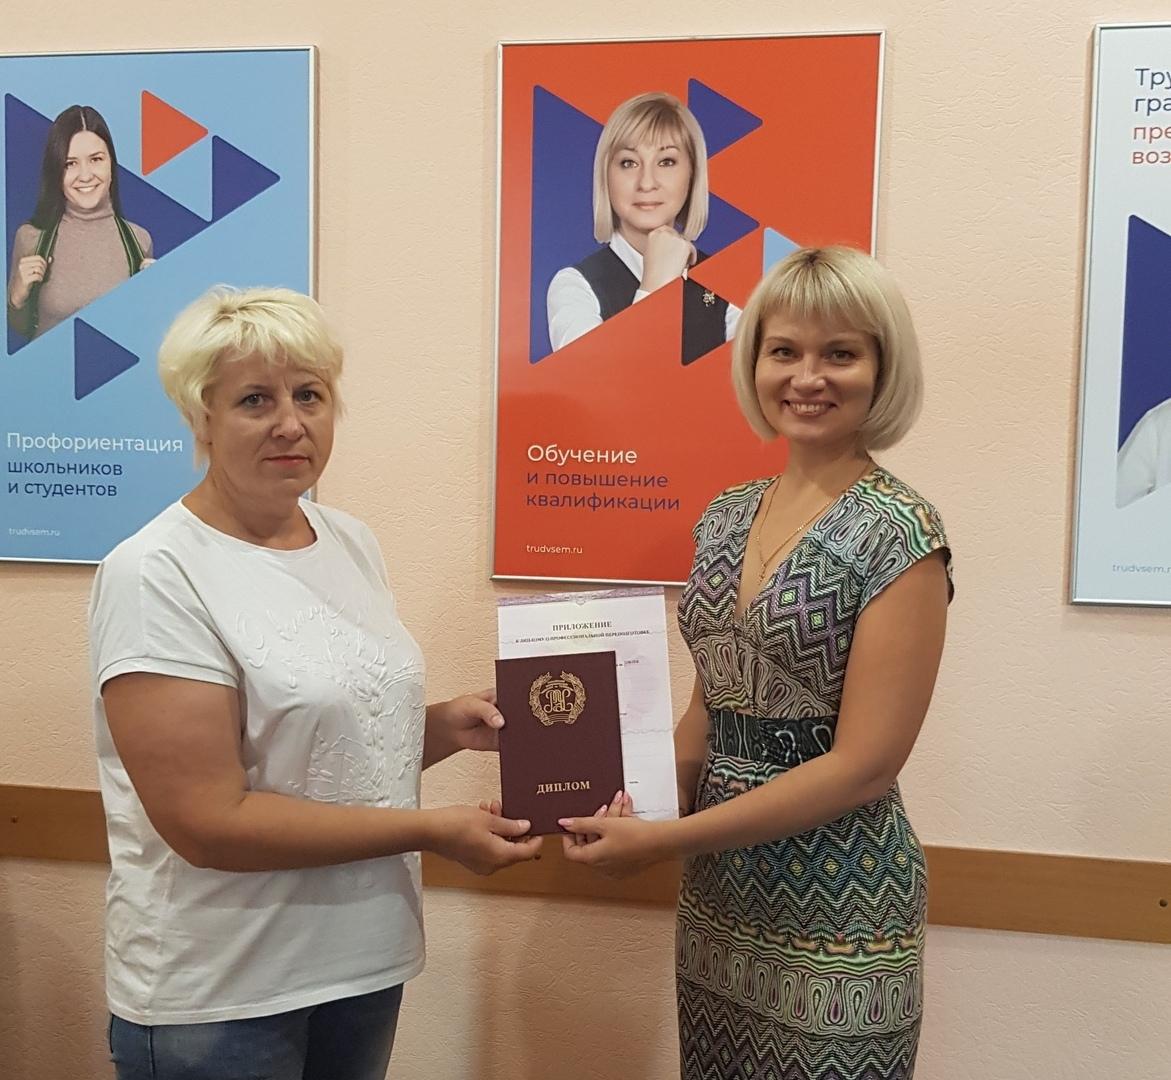 Больше тридцати жителей Петровского района прошли курсы переобучения и дополнительного образования в Центре занятости населения